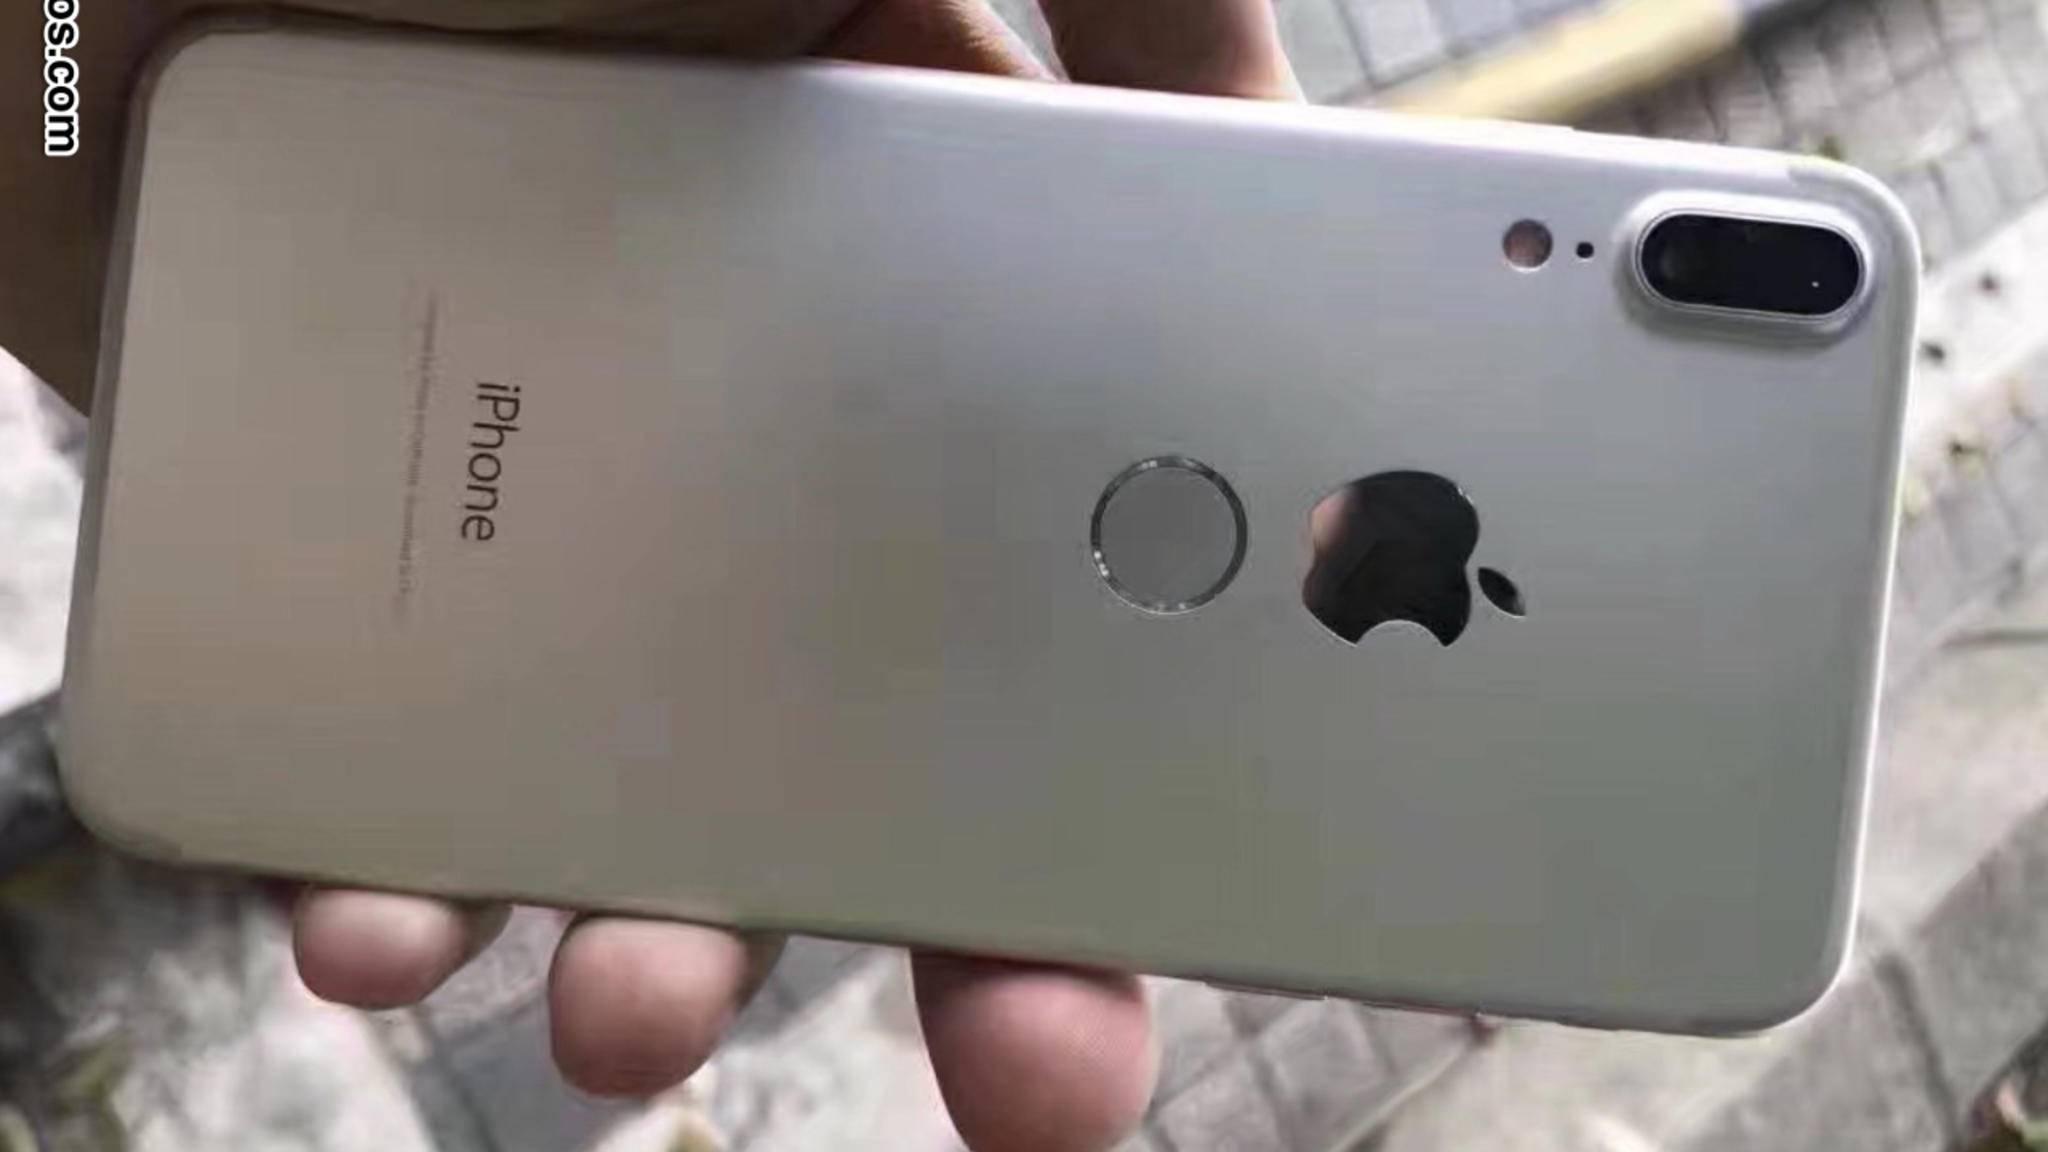 Dieser iPhone-8-Dummy sorgt derzeit für Aufregung im Netz.